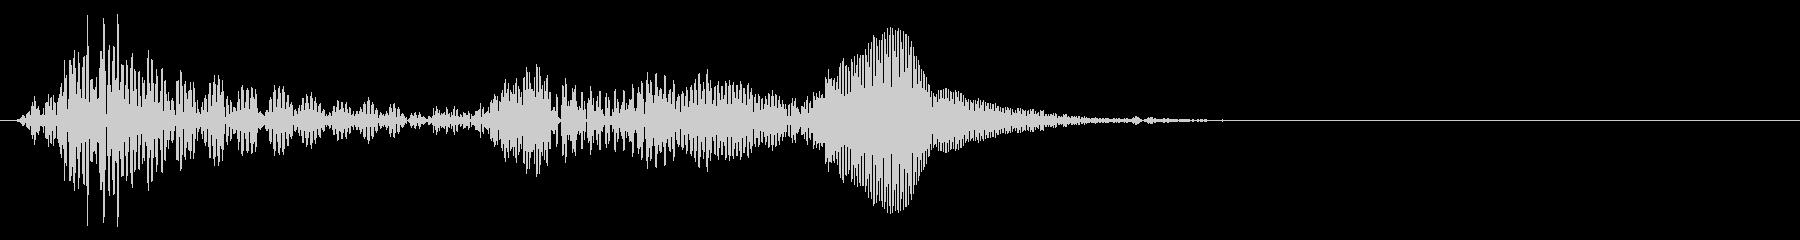 水滴音を加工して制作したカーソル音_01の未再生の波形